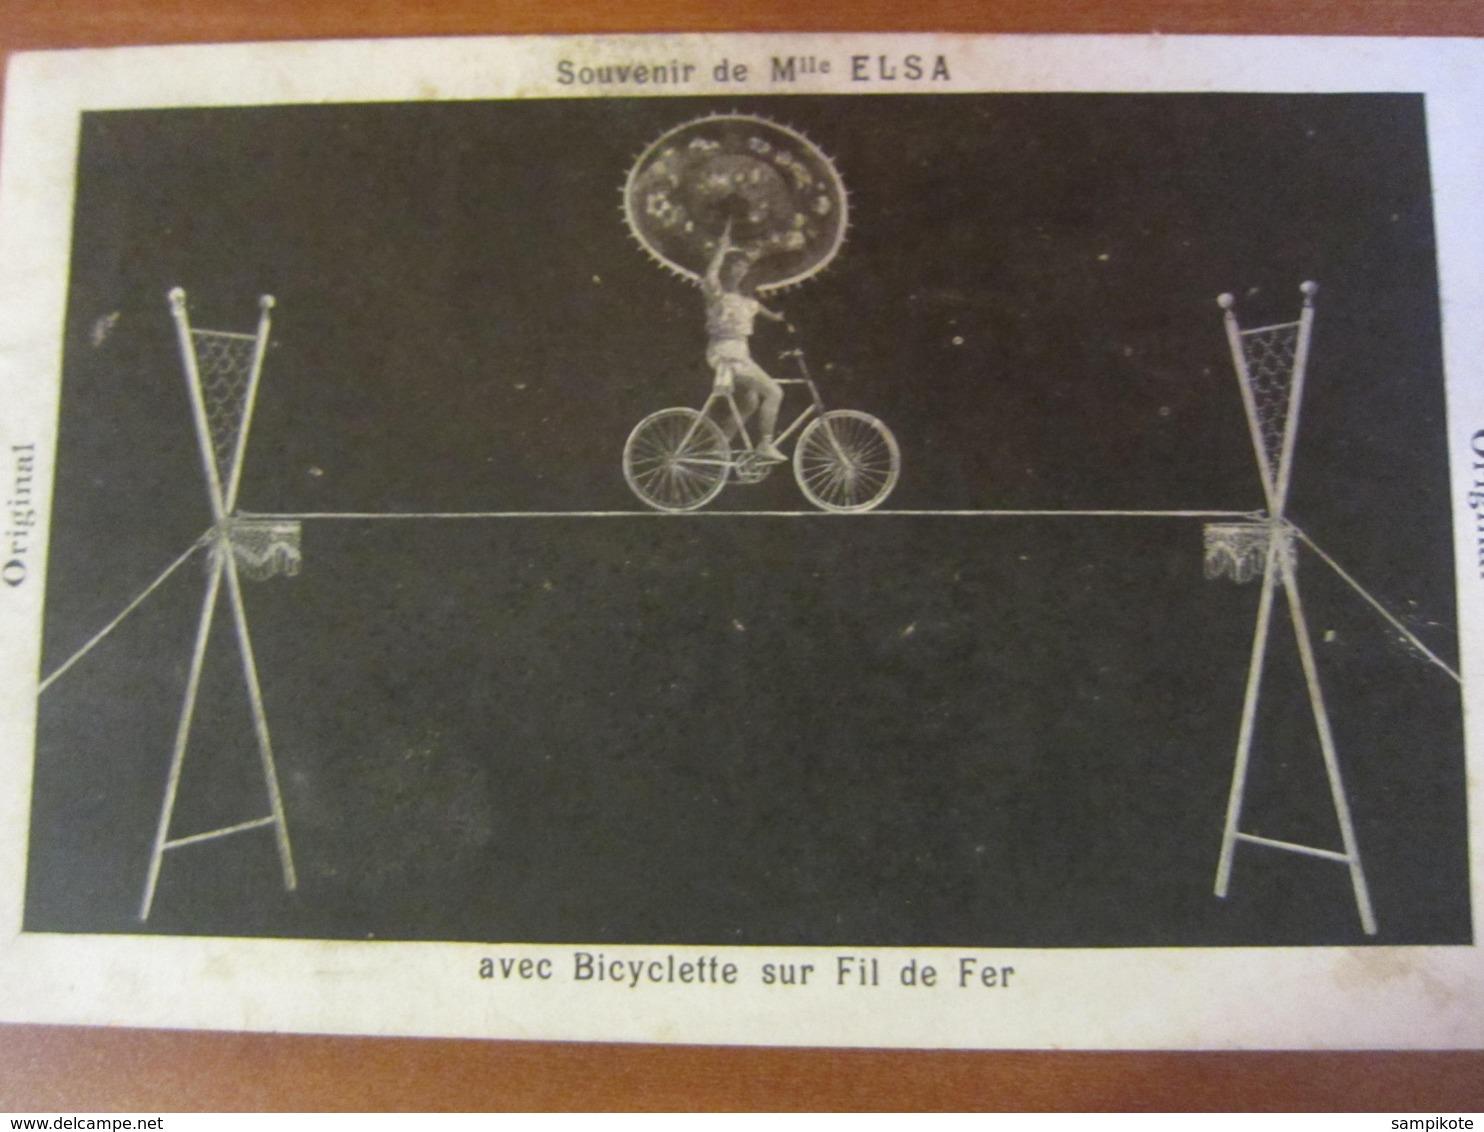 Cirque Souvenir De Melle ELSA Bicyclette Sur Fil De Fer - Francia